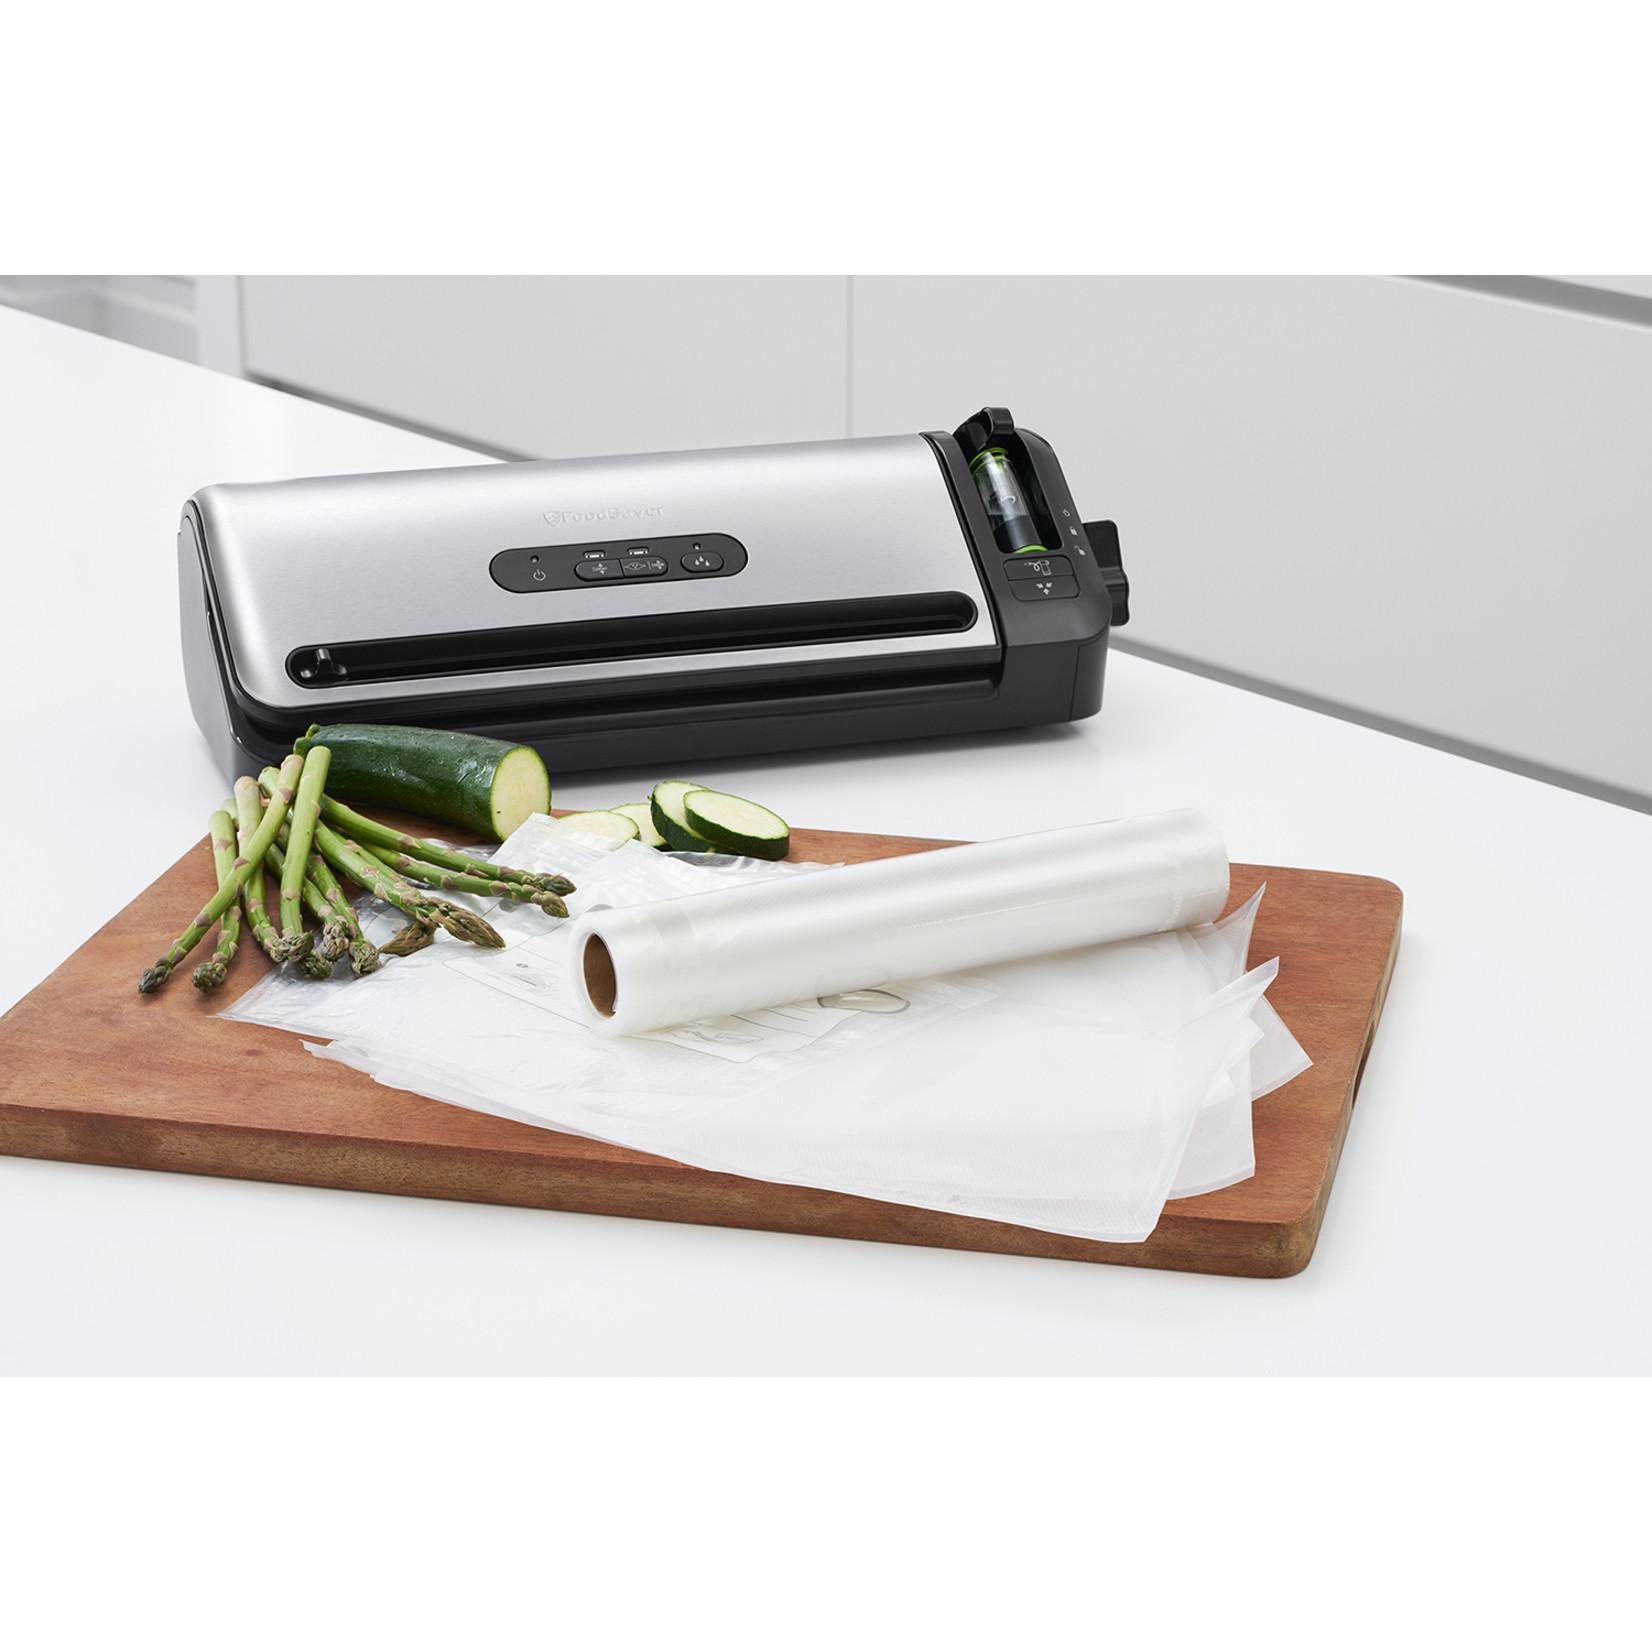 Foodsaver Foodsaver Top Line Fresh FSV017 Vacumeermachine